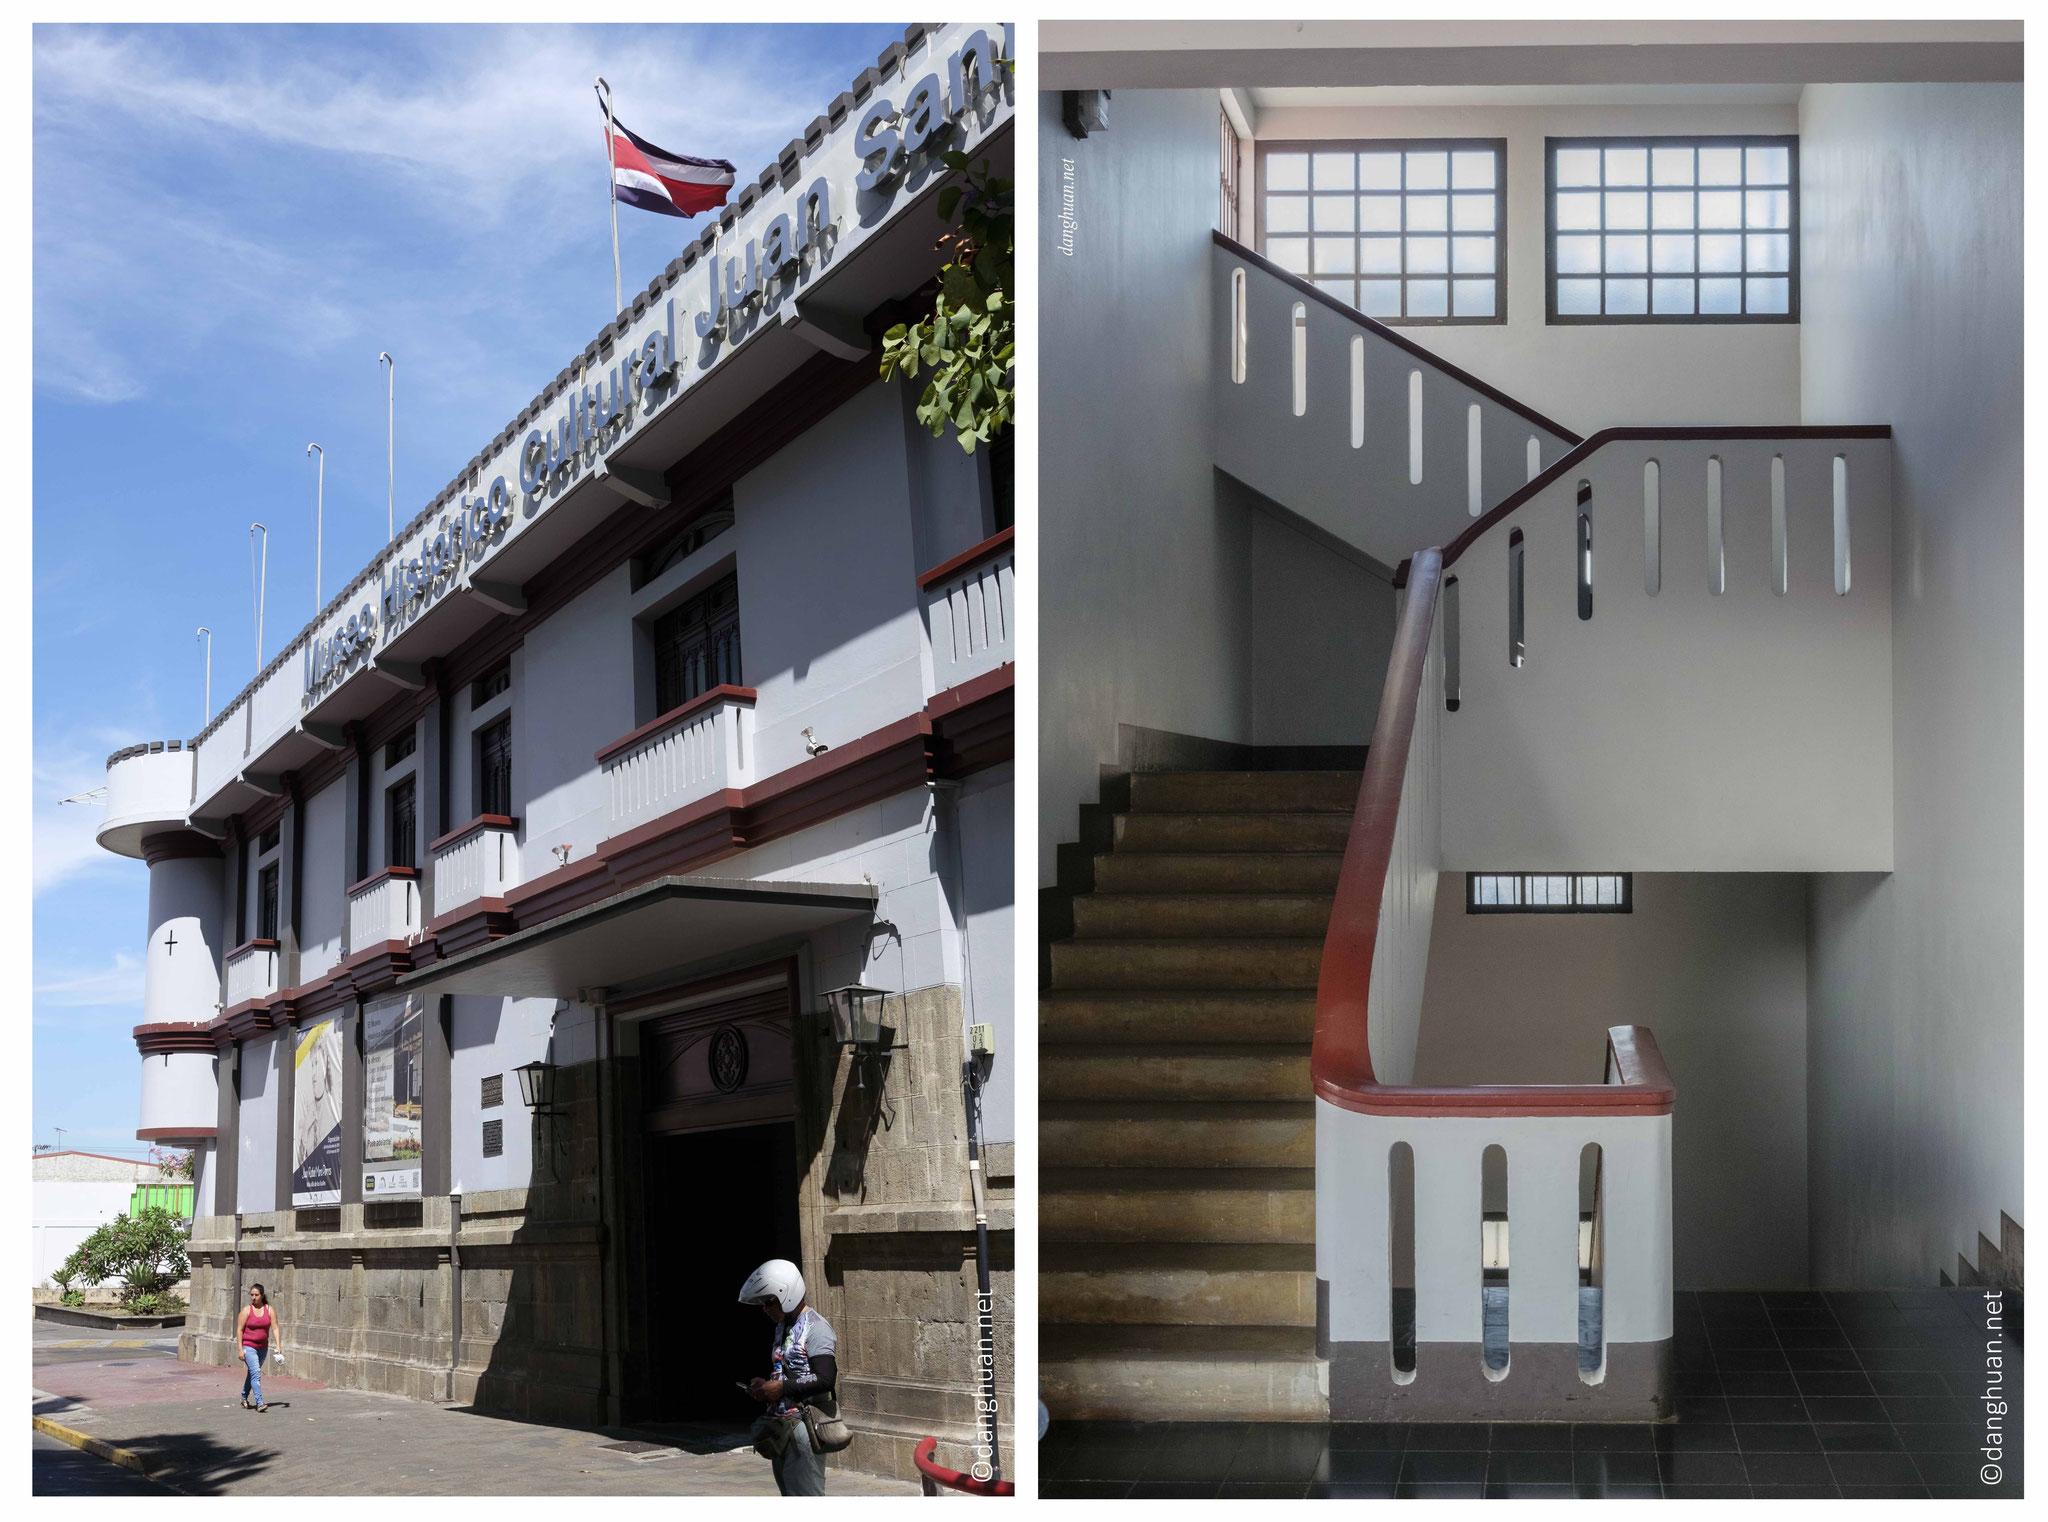 le Musée d'Histoire Culturelle Juan Santa Maria d'Alujuel, un ancien fort militaire